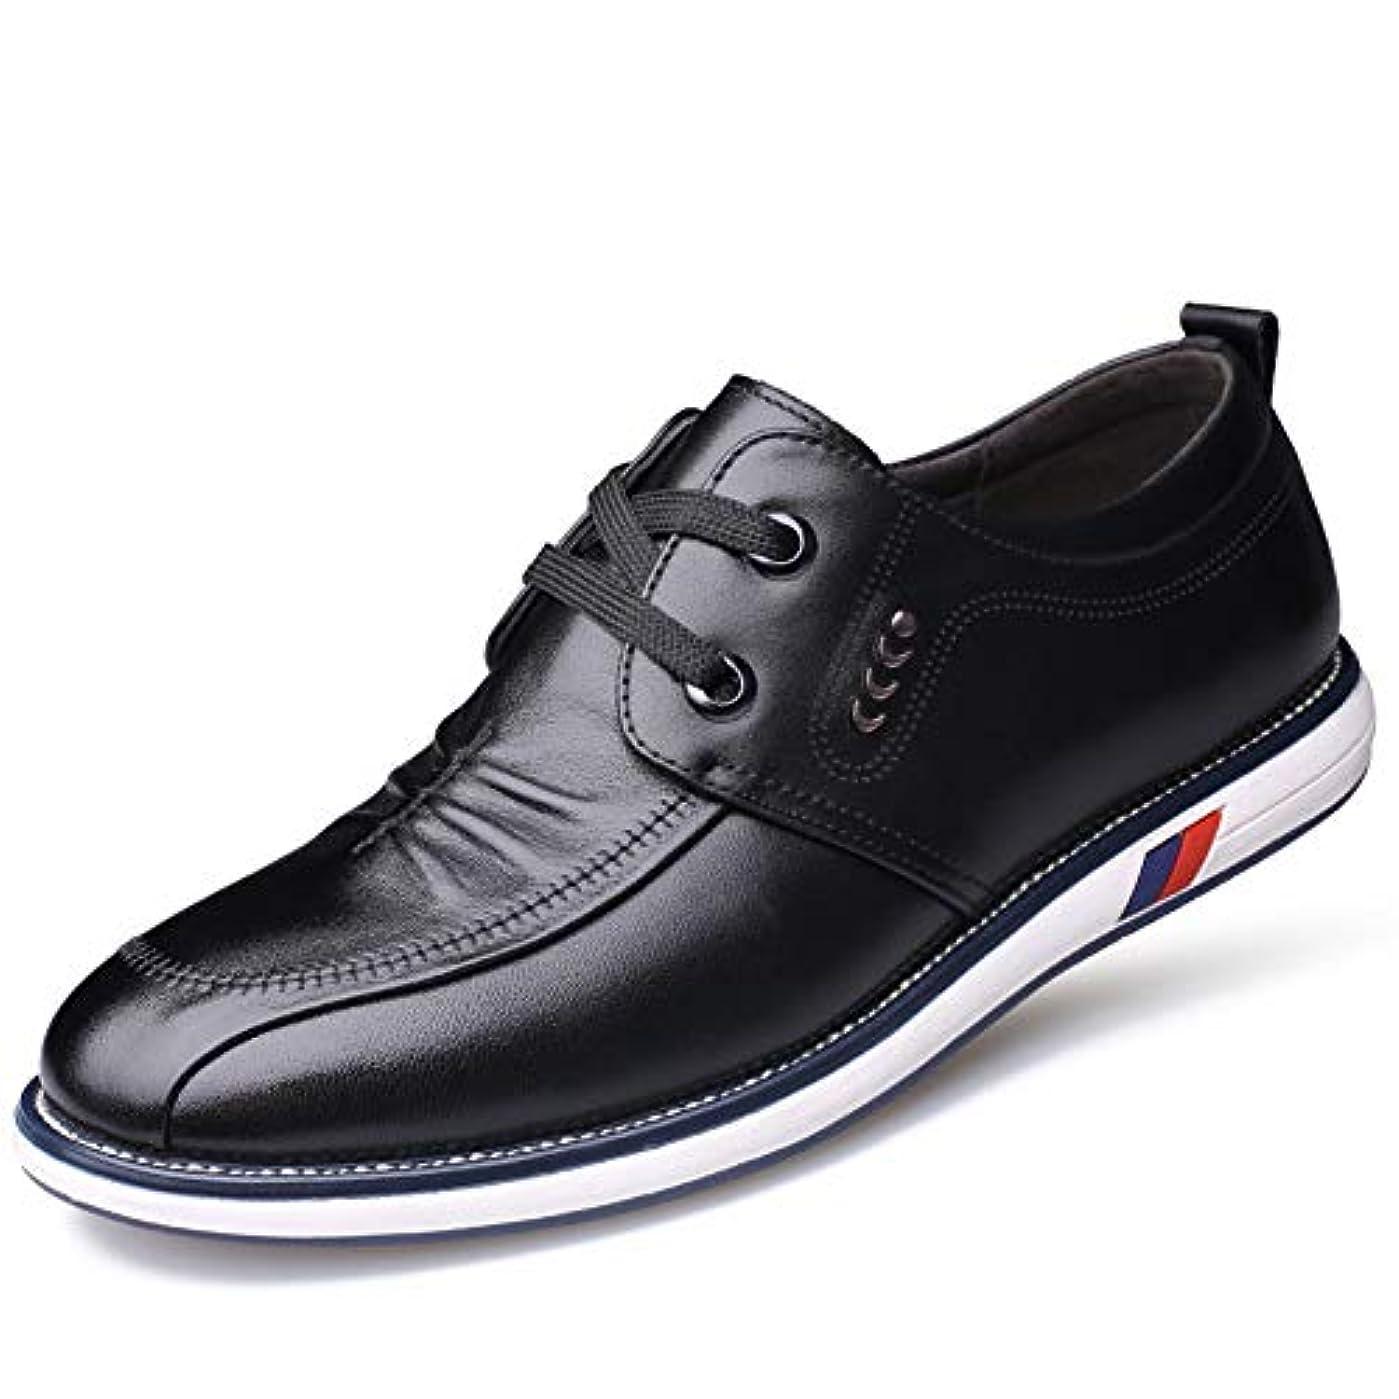 チャネル文句を言う火山の[CHENGFA] カジュアルシューズ メンズ ビジネスシューズ 本革 ローファー 紳士靴 革靴 レースアップ ウォーキング 通気性